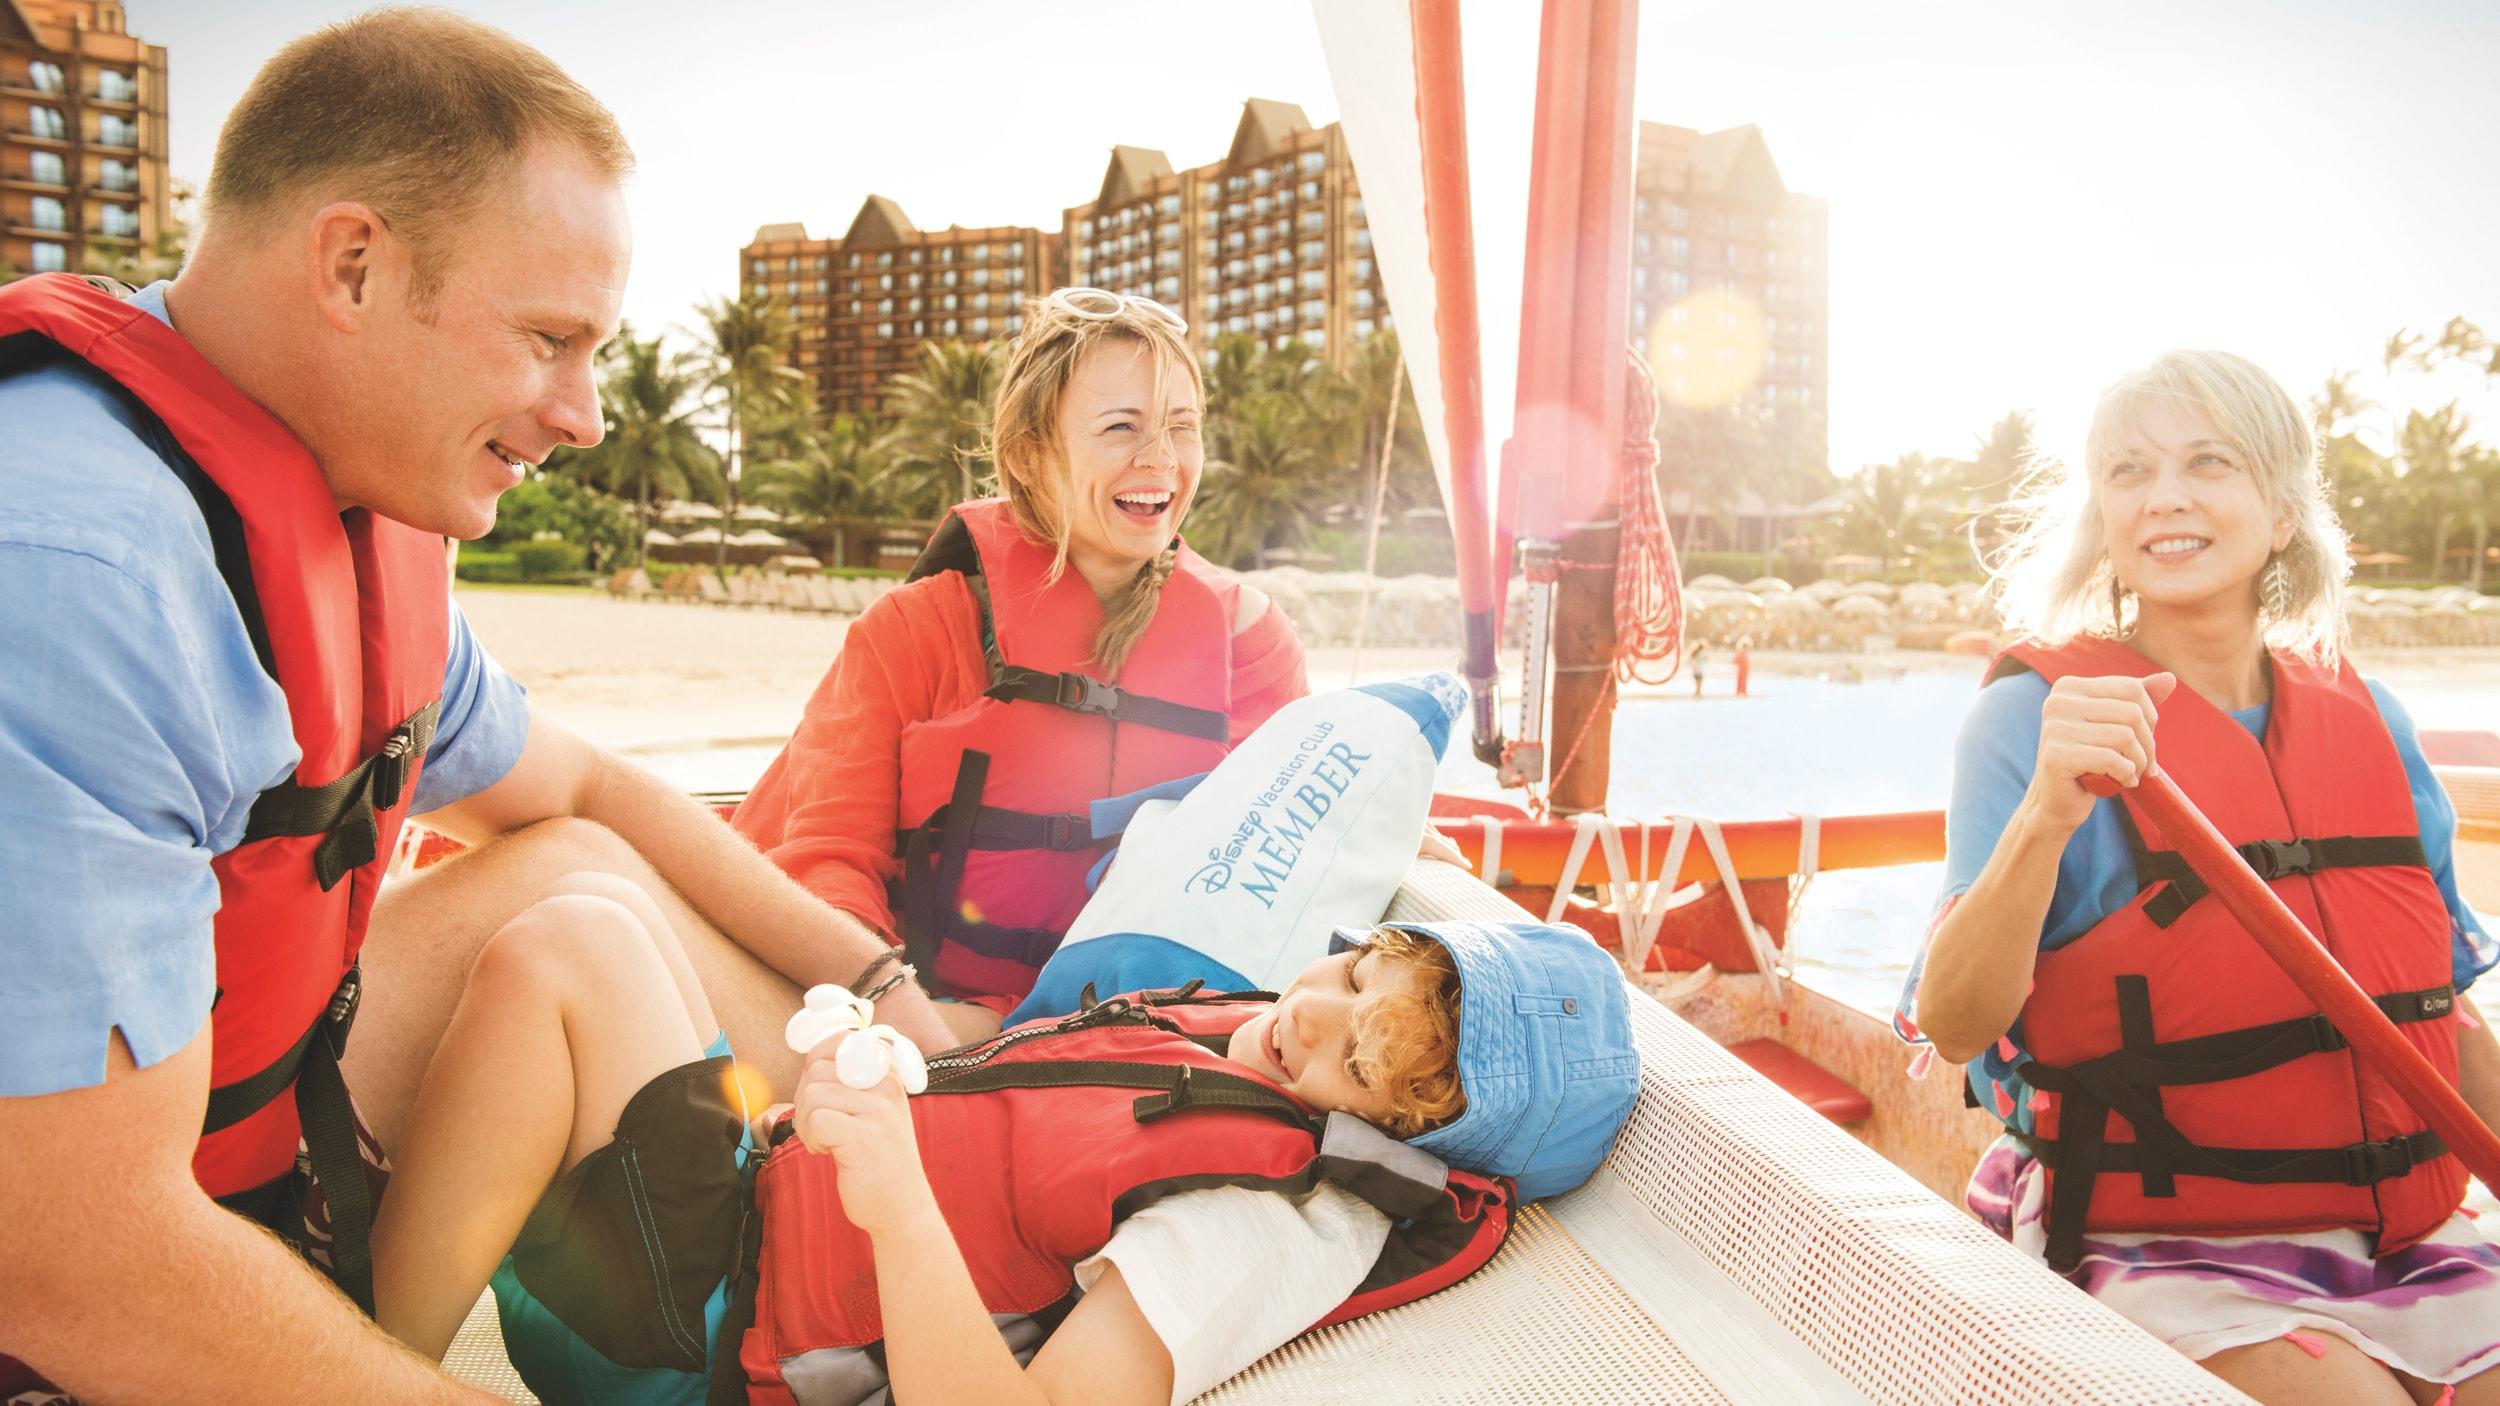 アウラニのラグーンで小さなボートに乗る 4 人連れの家族